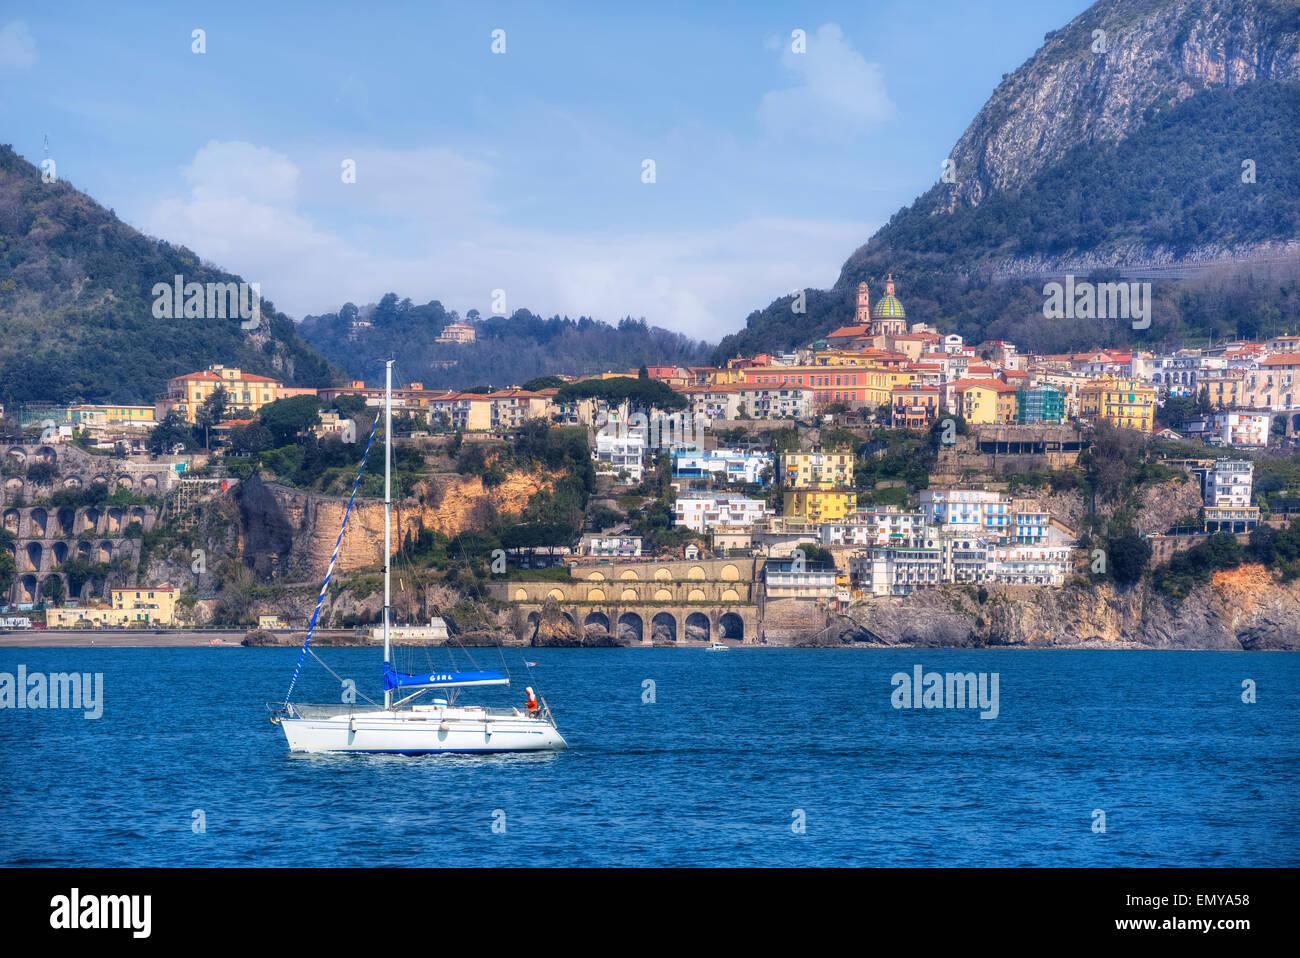 Vietri Sul Mare, Costiera Amalfitana, Campania, Italia Immagini Stock